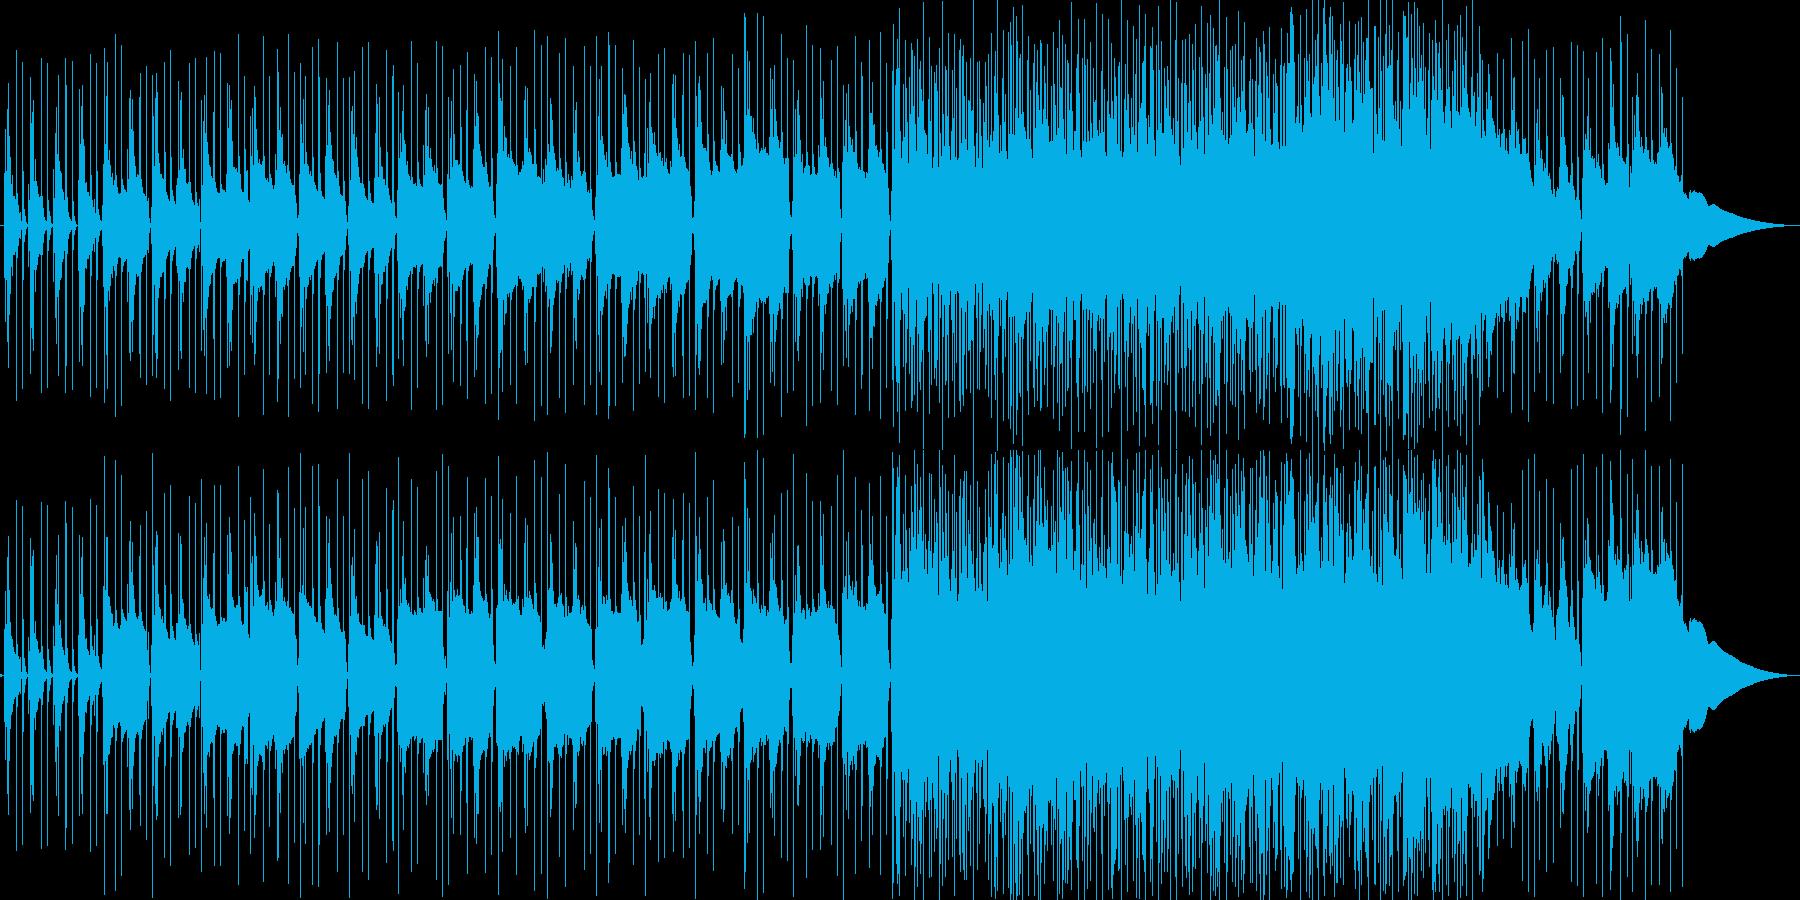 リズムギターmidiトランペット風の音…の再生済みの波形